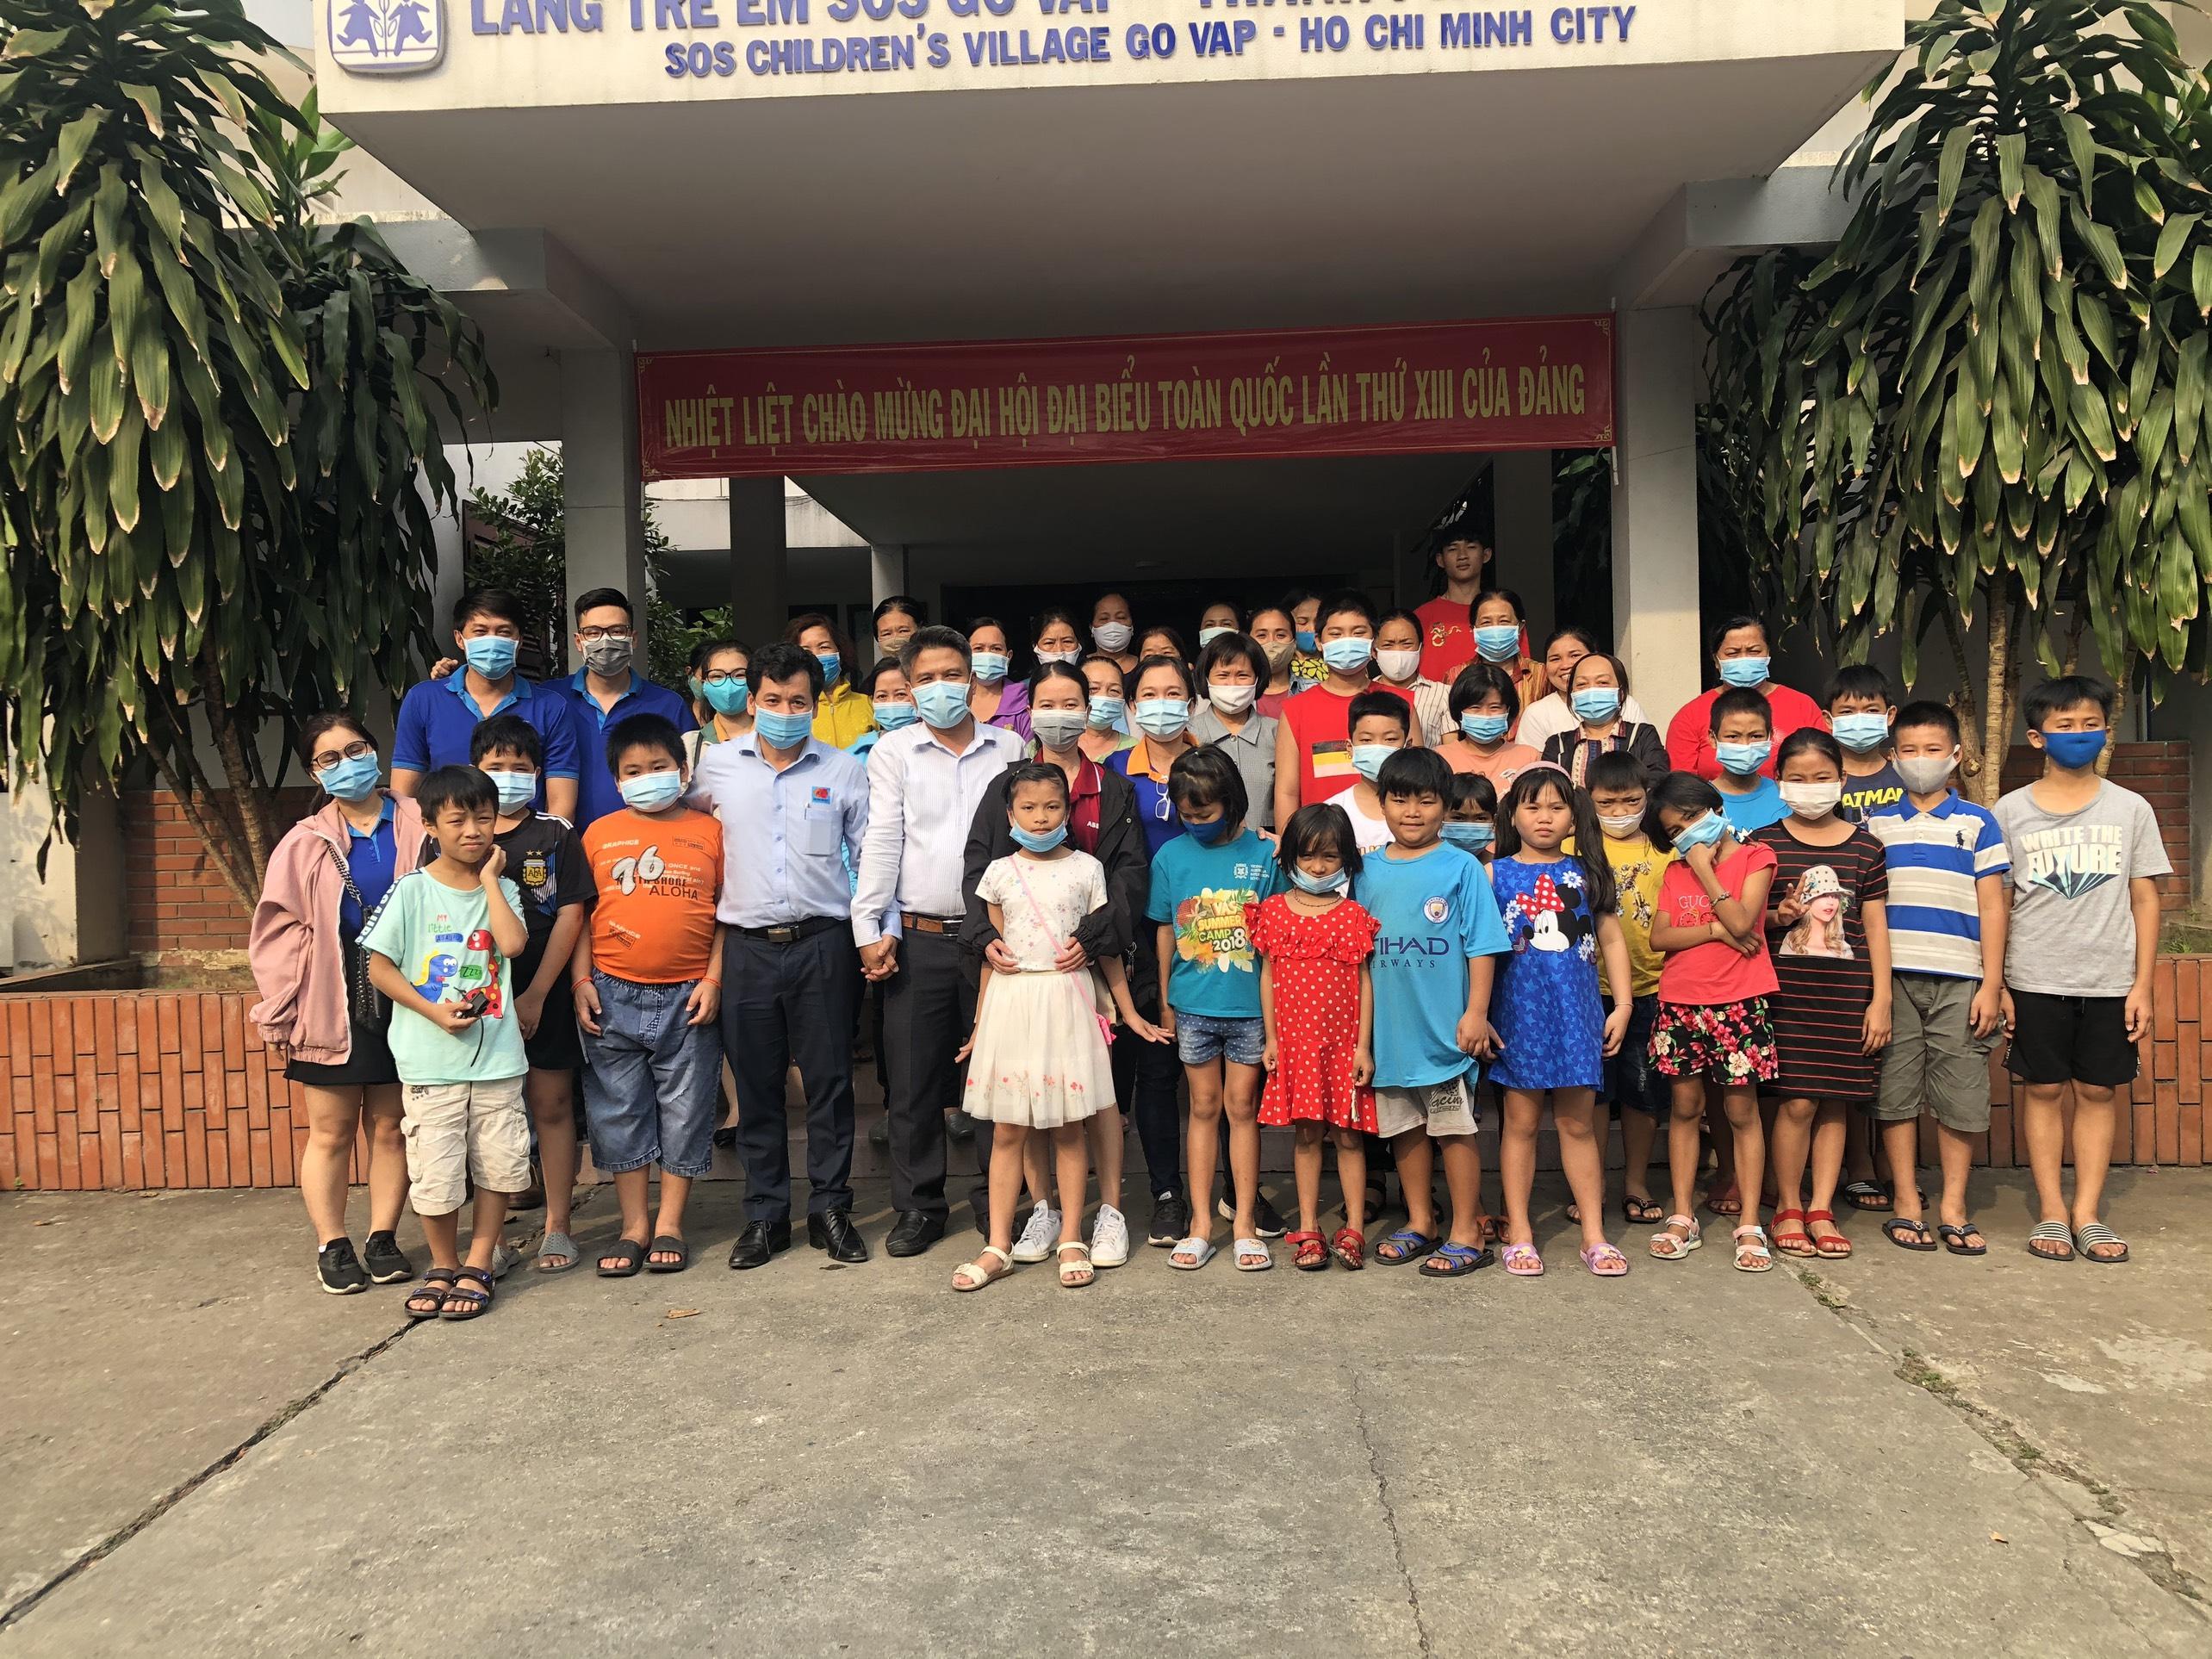 Tặng quà Tết Nguyên Đán 2021 cho làng trẻ em SOS Gò Vấp